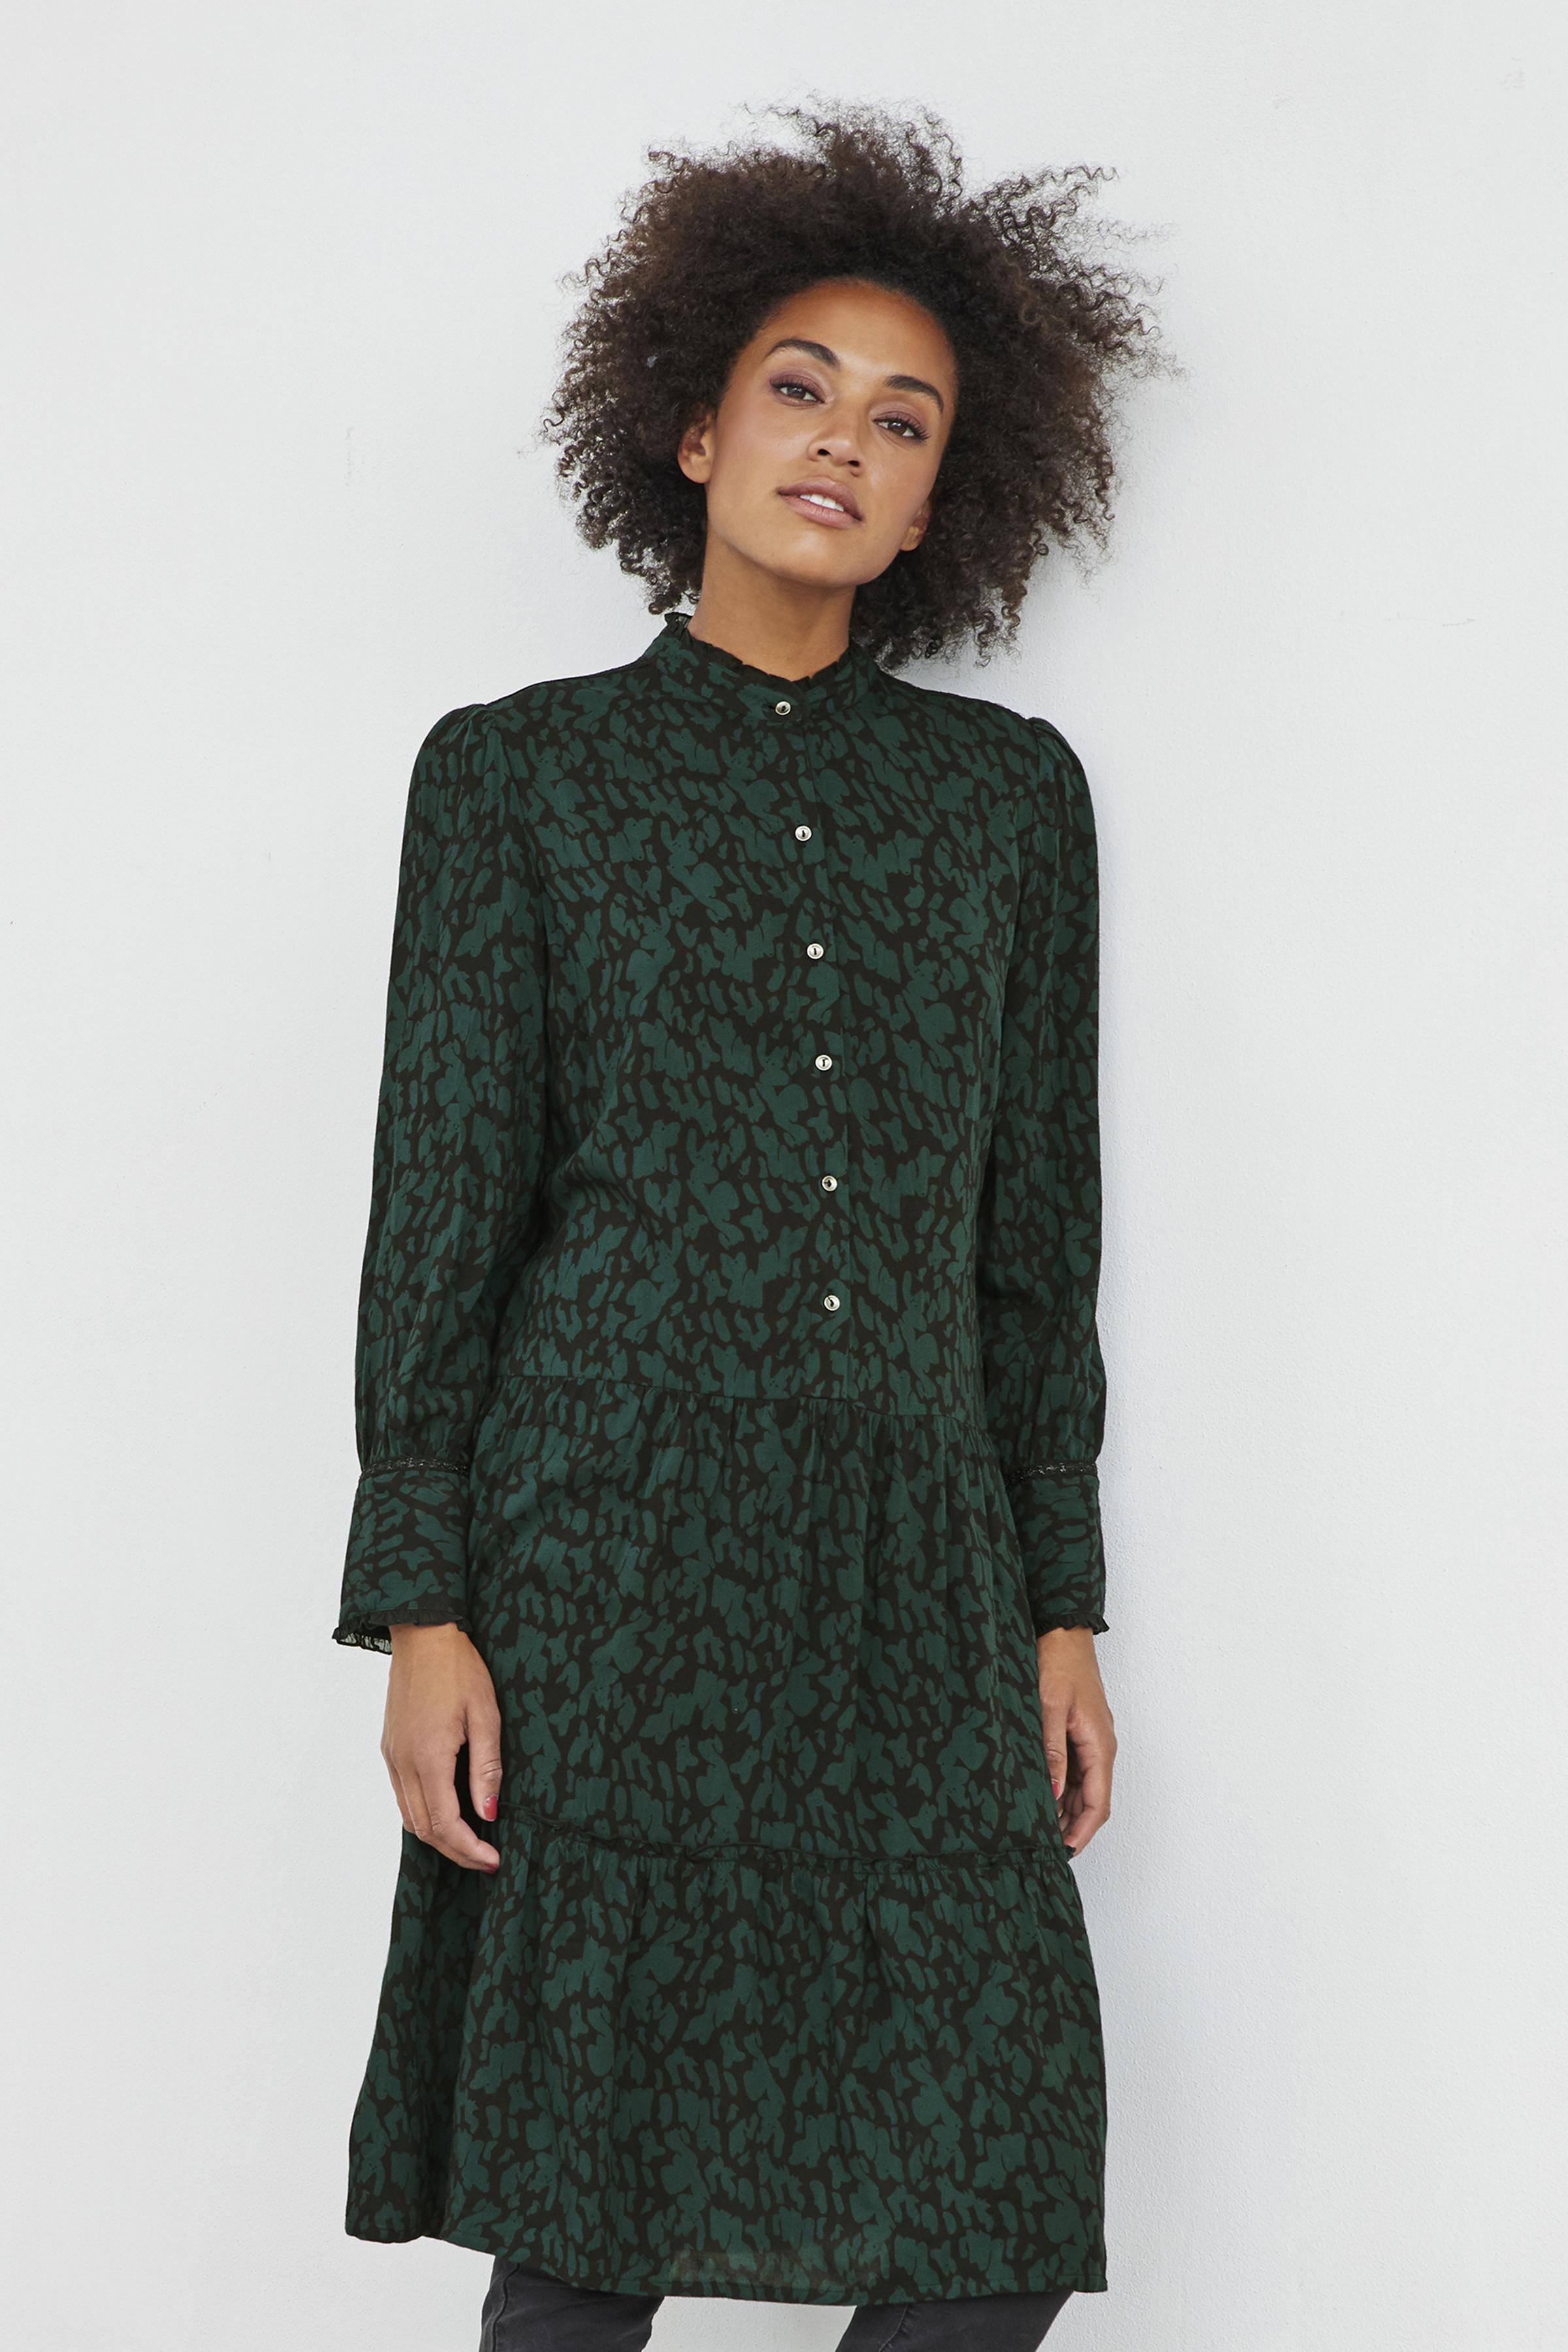 Dunkelgrün/schwarz Kleid von Bon'A Parte – Shoppen Sie Dunkelgrün/schwarz Kleid ab Gr. S-2XL hier